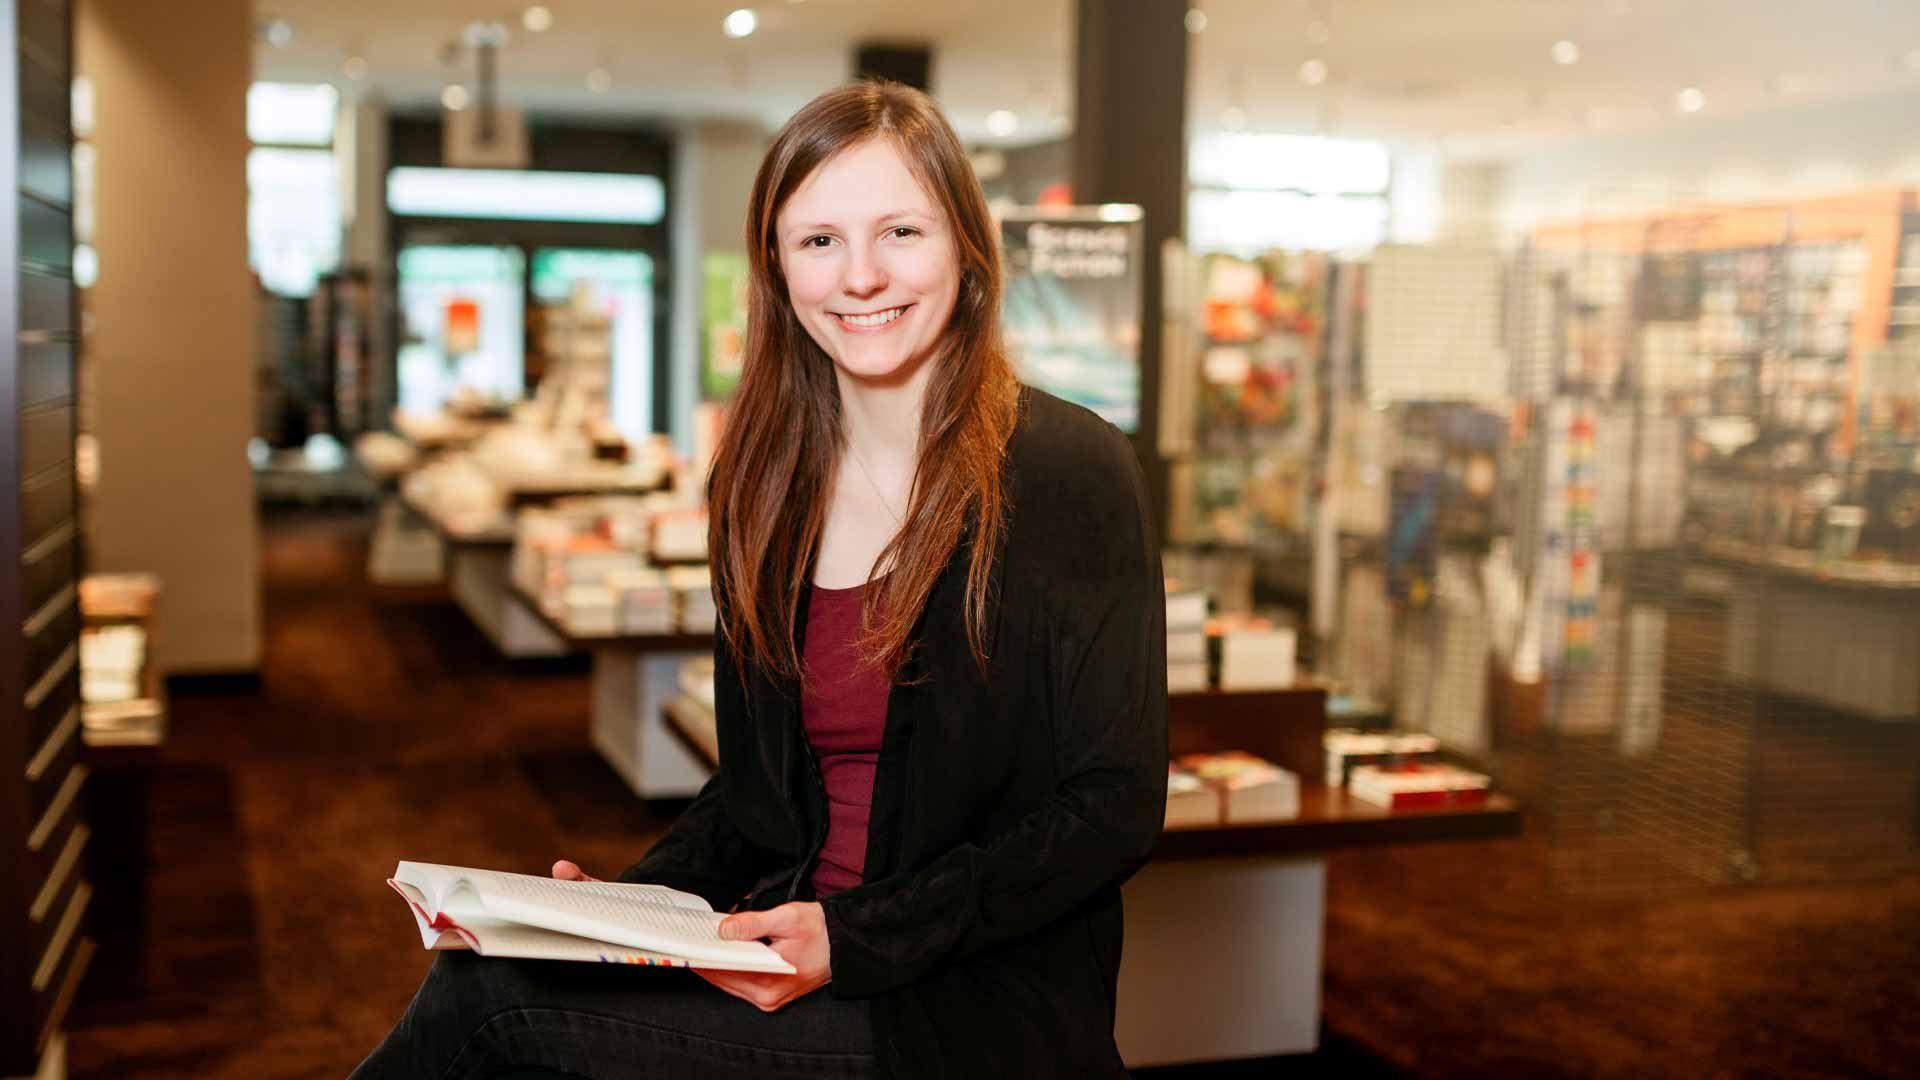 Buchhandlung Rupprecht Ansbach - Innenansicht